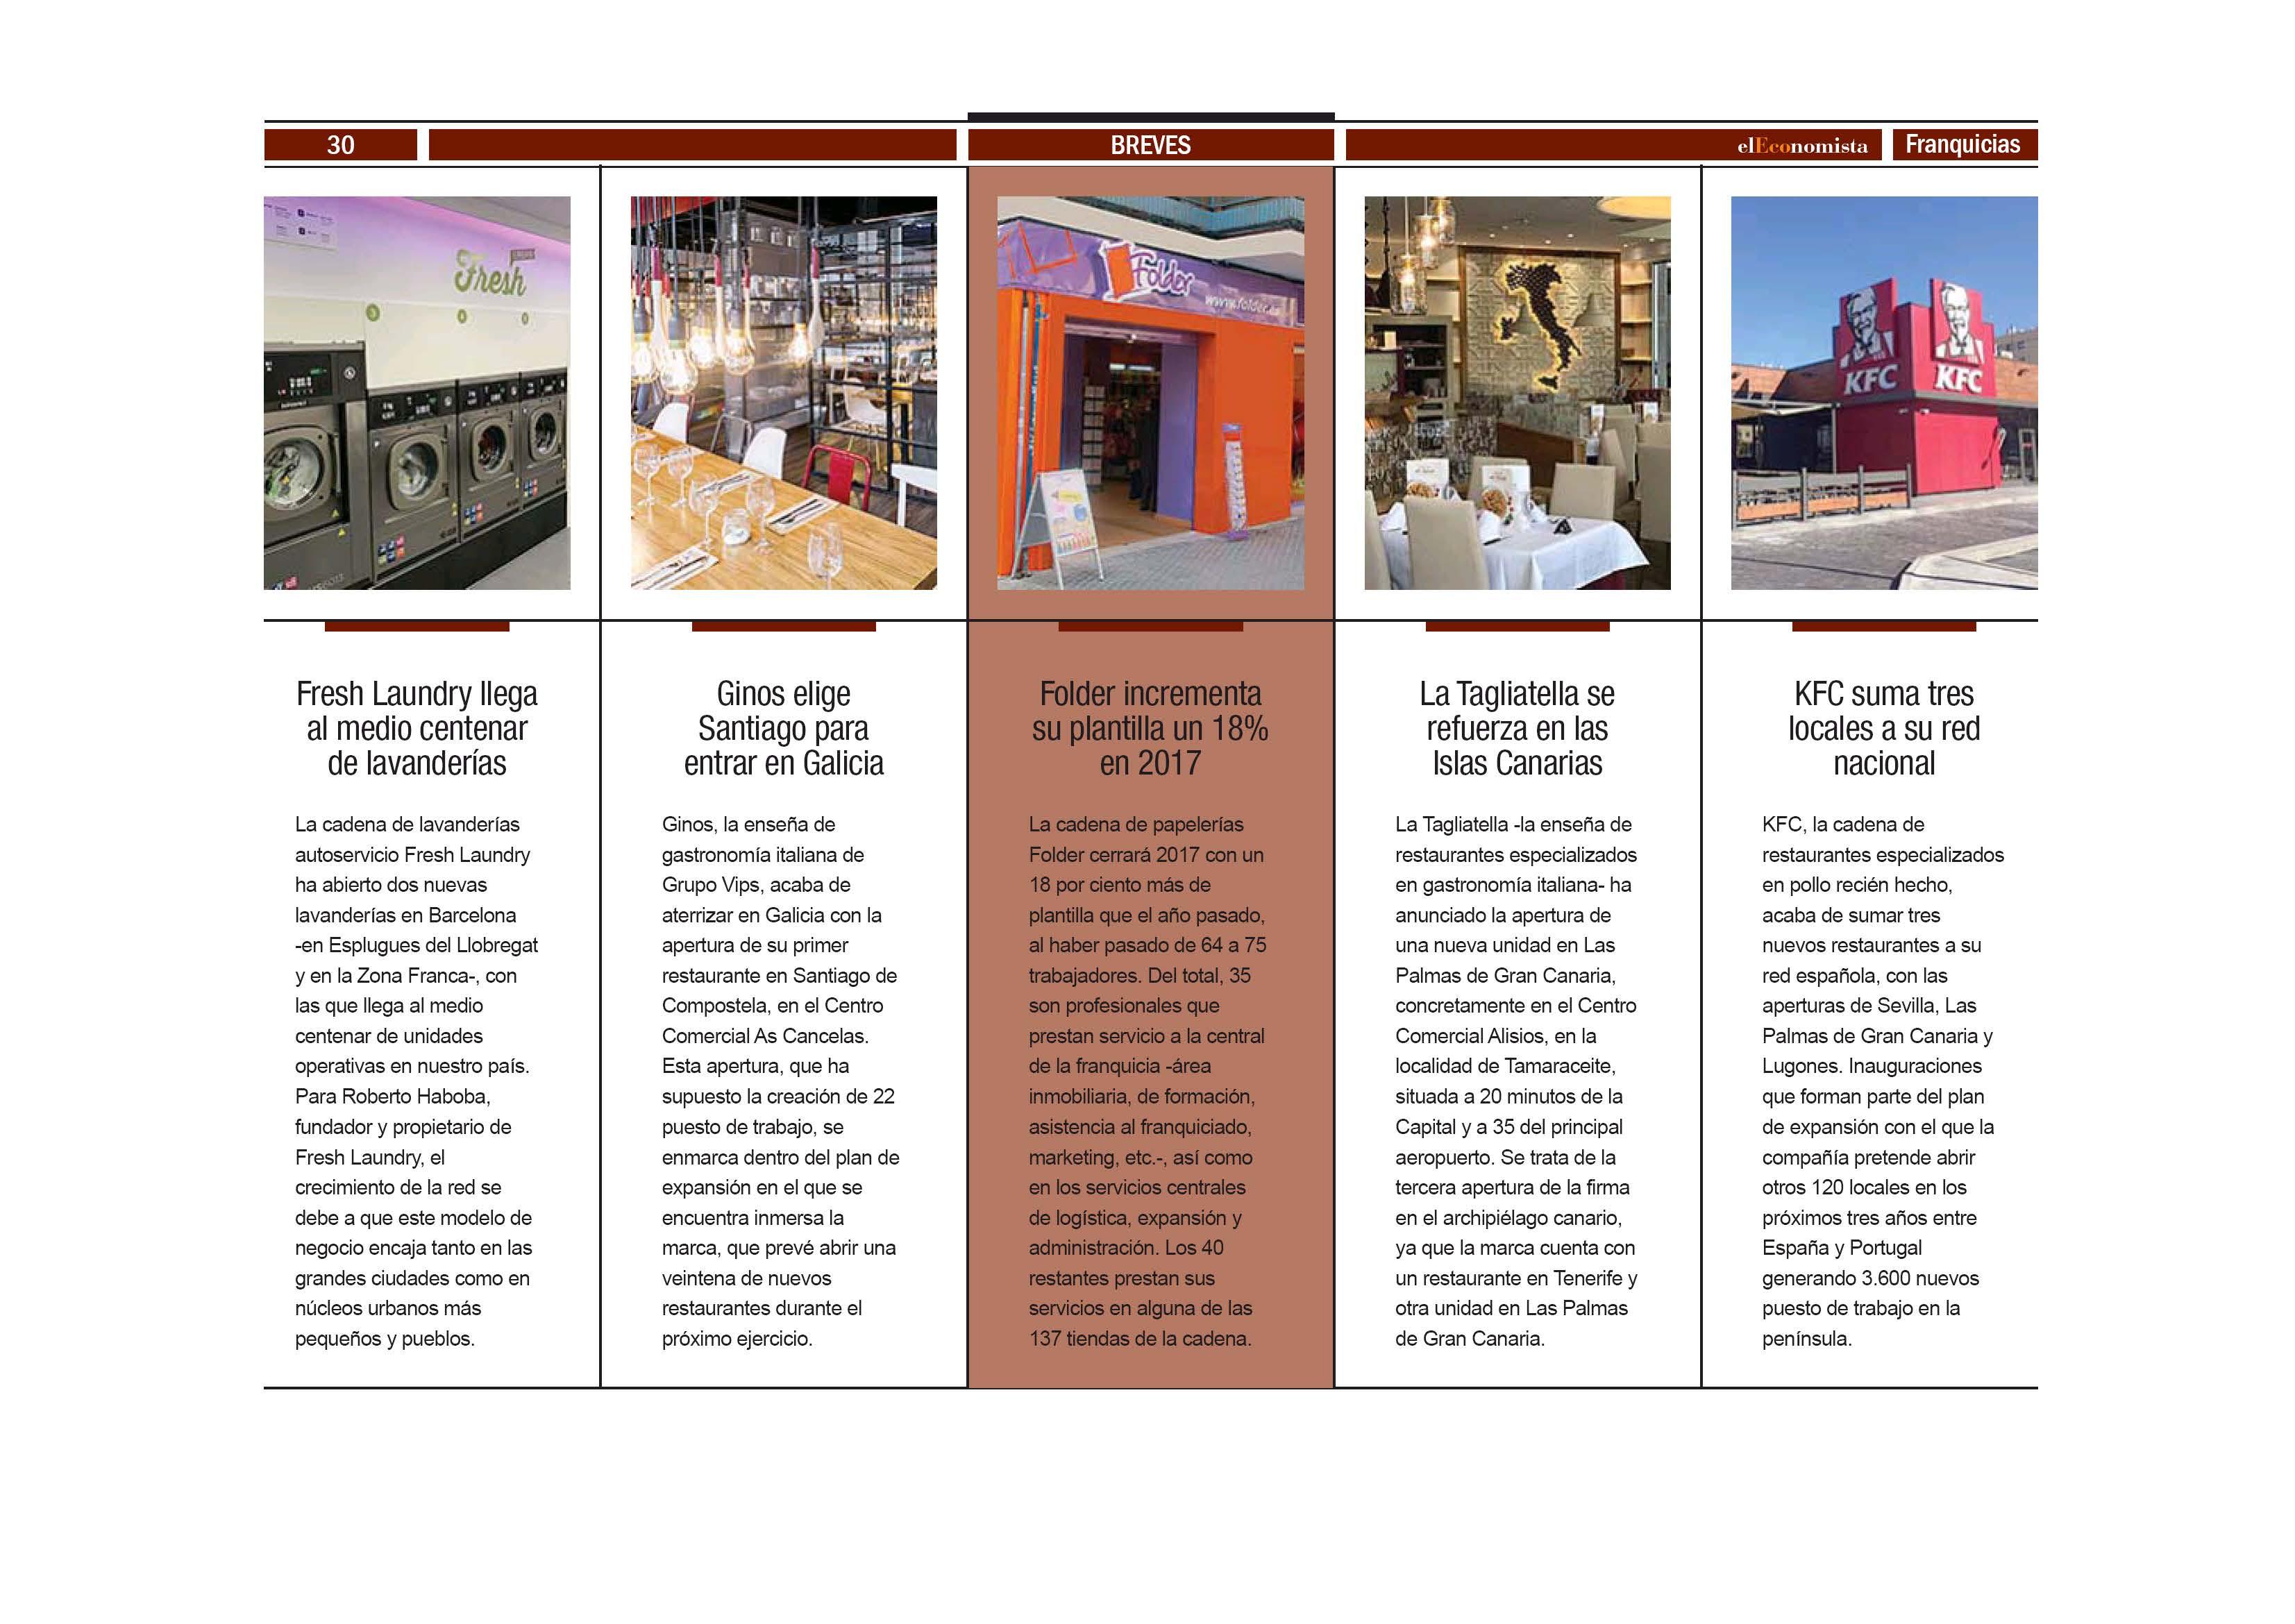 https://whiterabbit.es/wp-content/uploads/2017/12/Prensa_Franquicias-y-Emprendedores-1.jpg